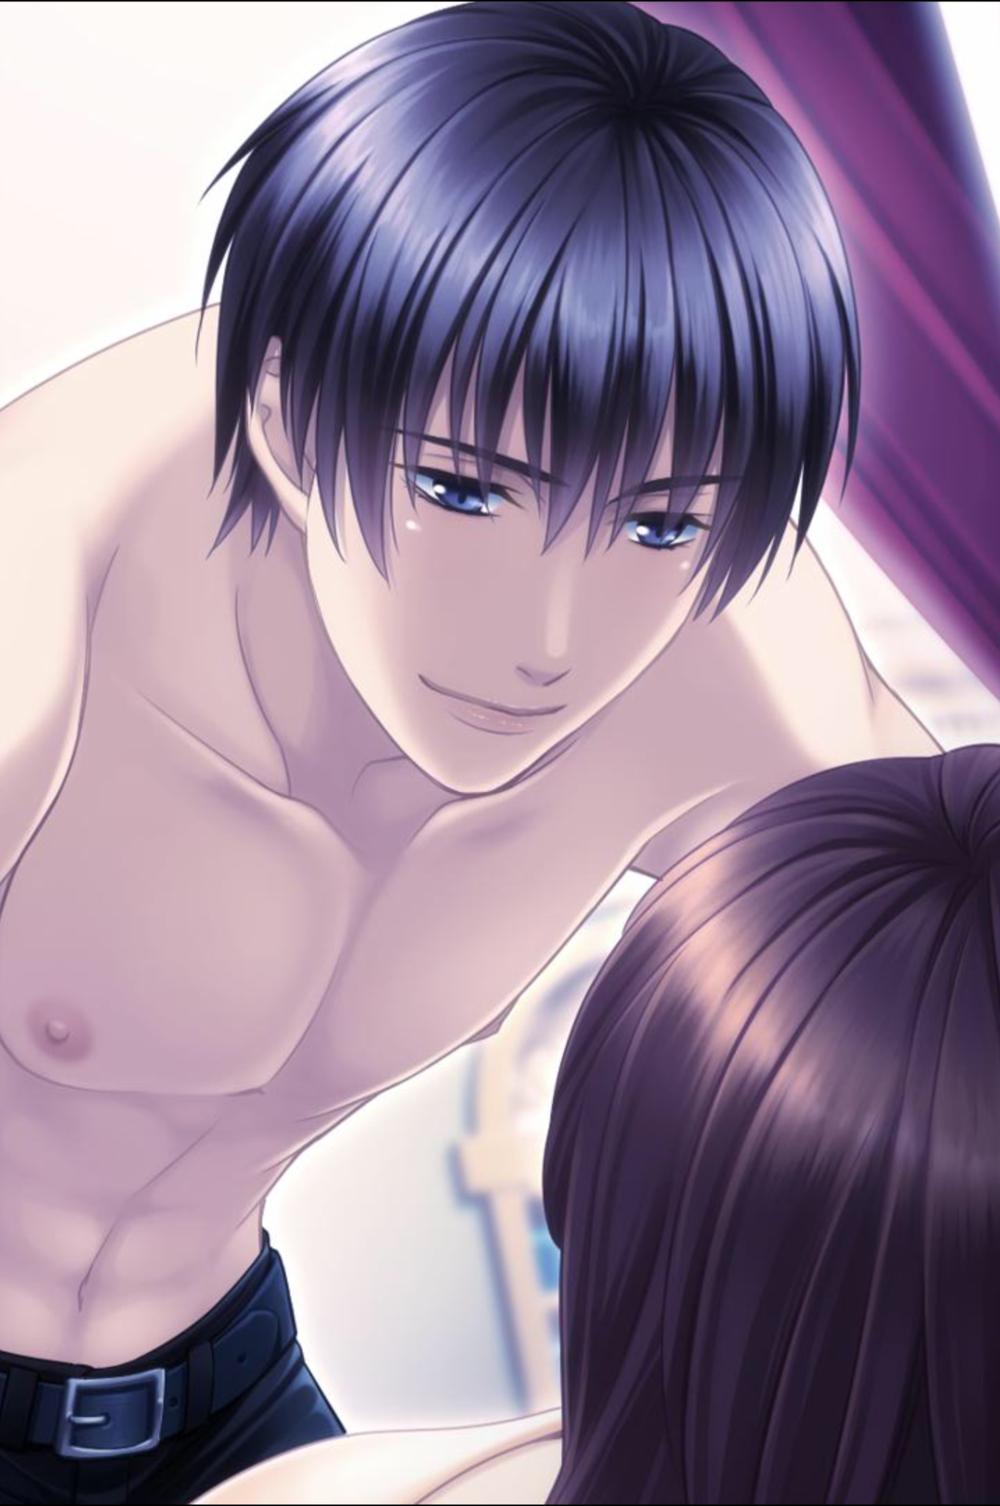 Makoto: Chapter 5